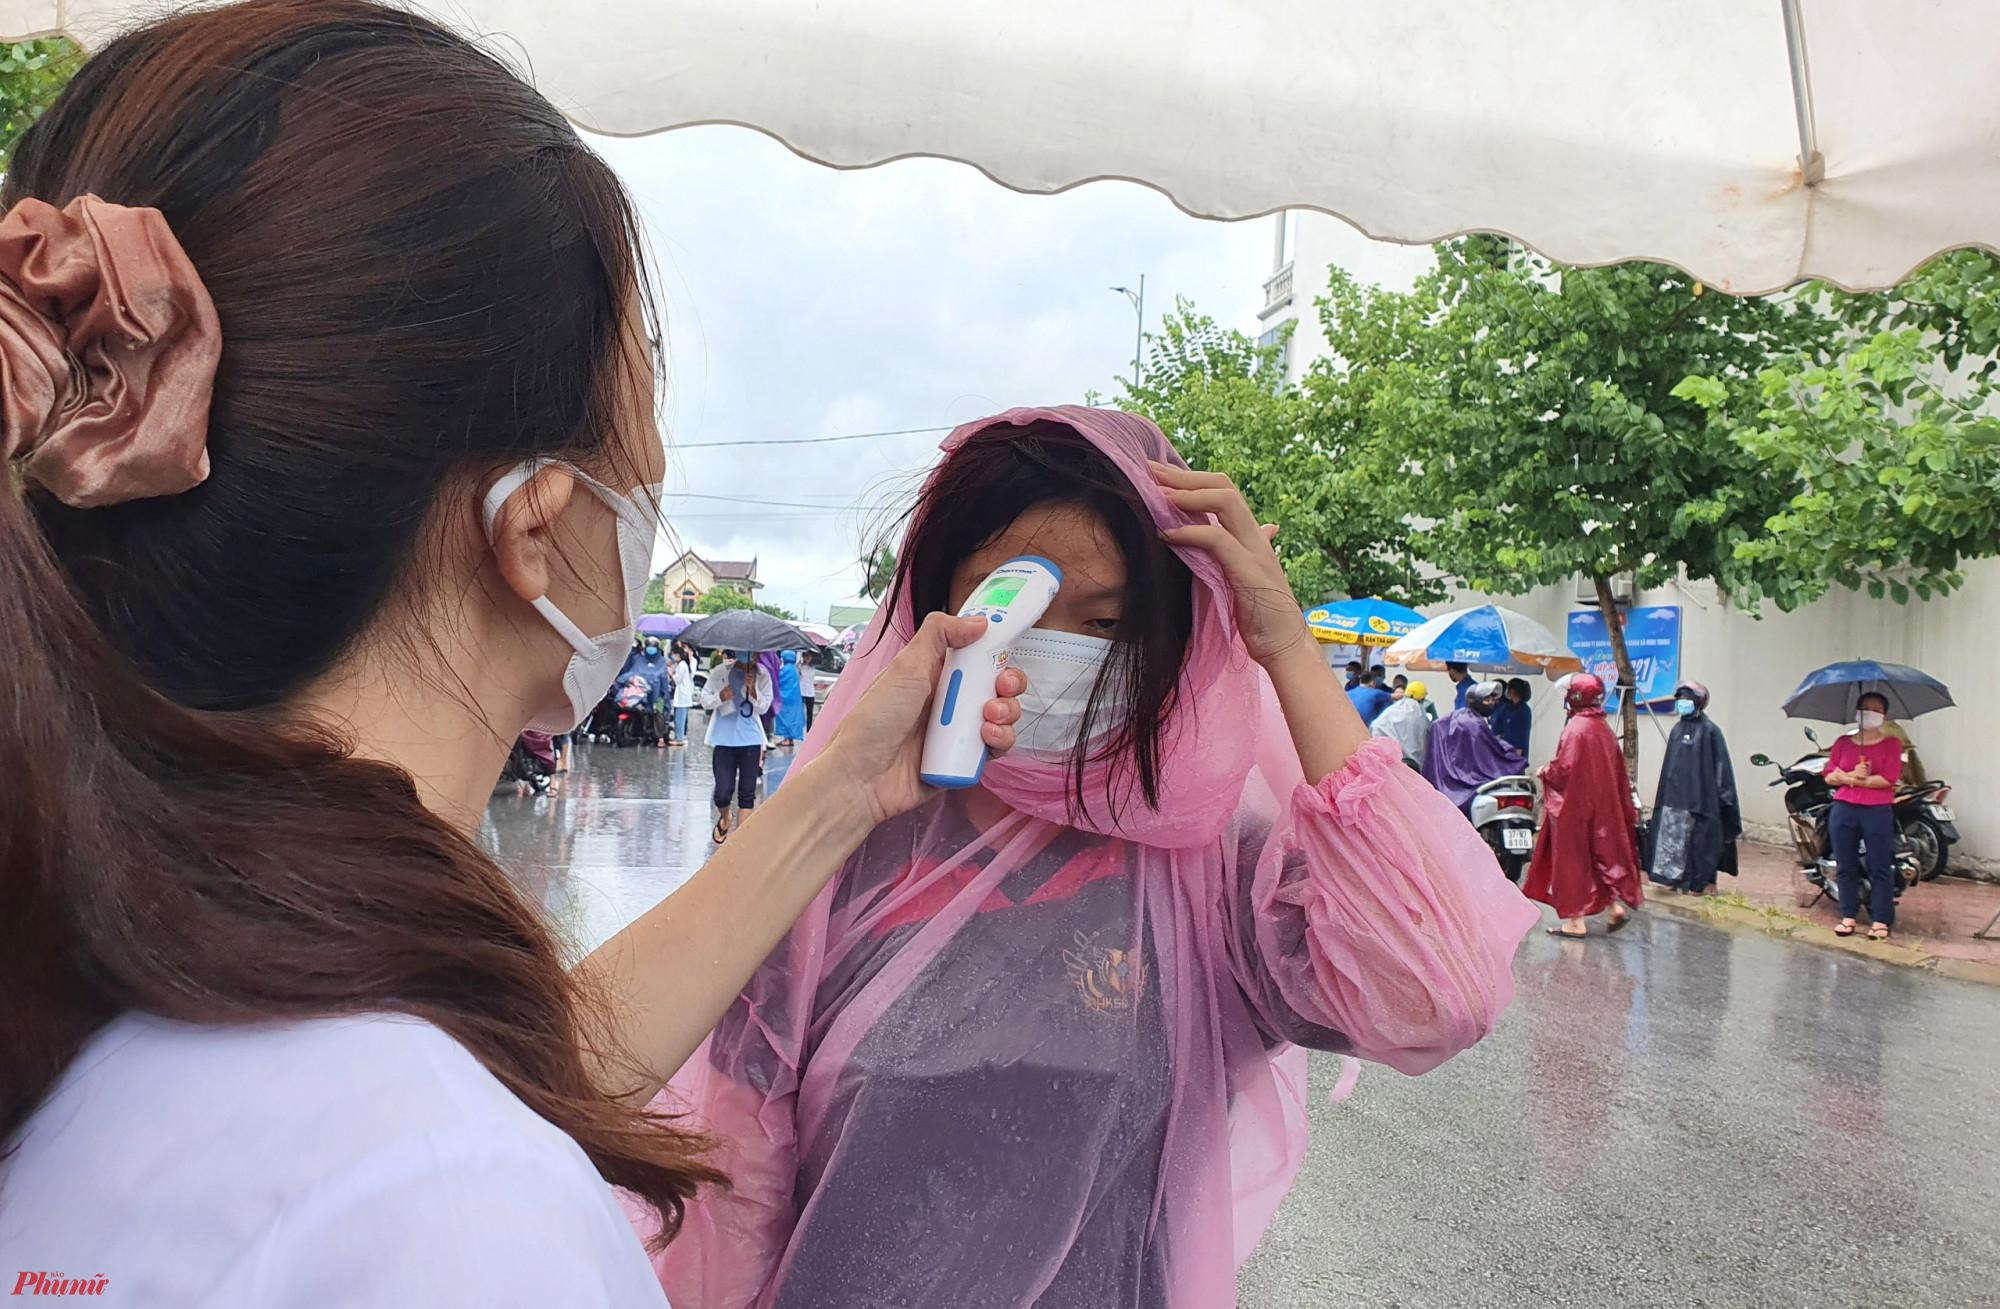 Dẫu mưa lớn, thí sinh vẫn được đo thân nhiệt, sát khuẩn tay trước khi vào điểm thi